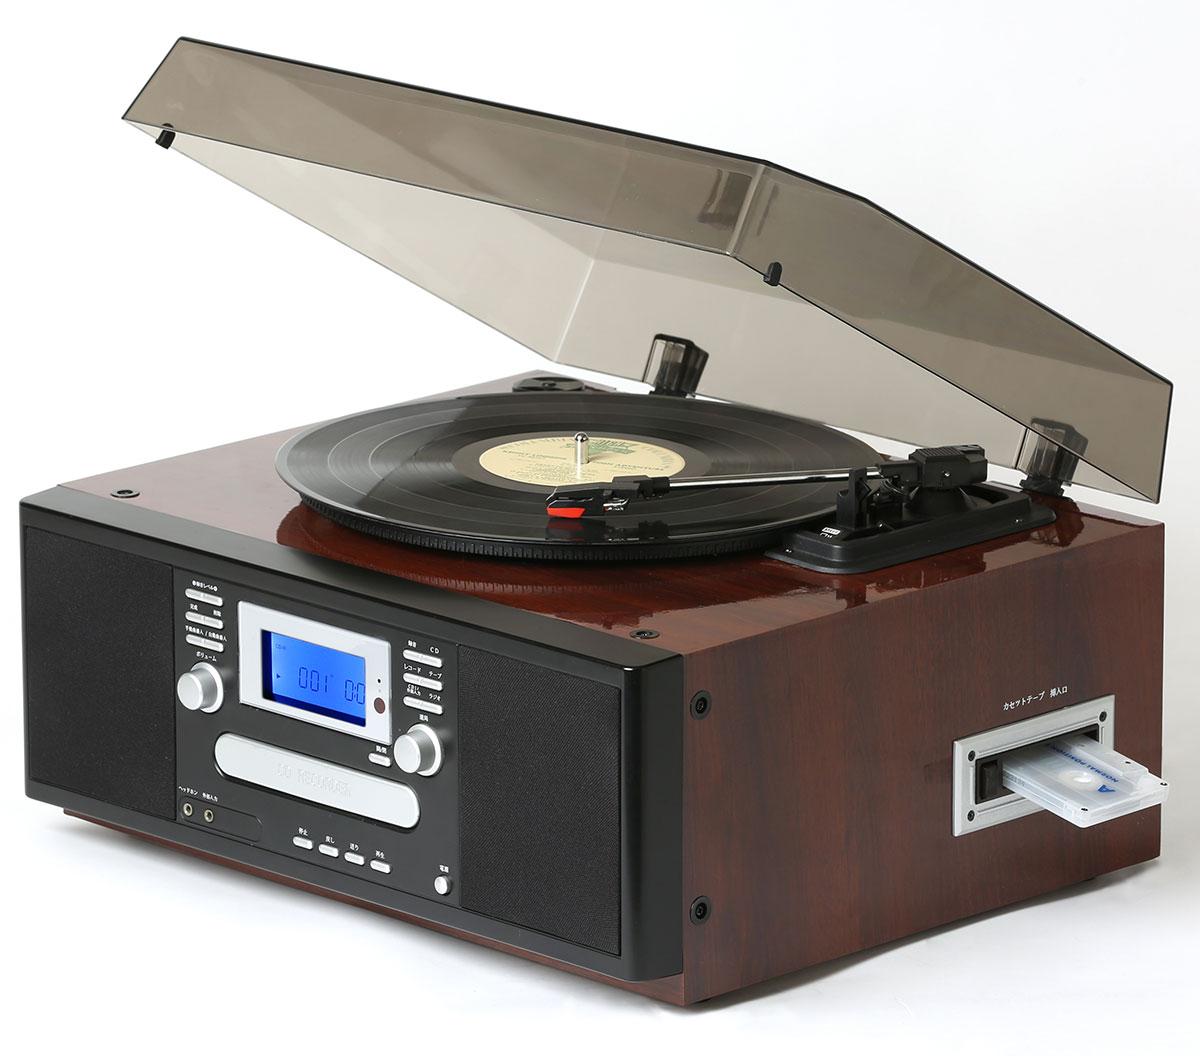 とうしょう きれいな鏡面ピアノ仕上げのCDにコピーできるマルチプレーヤー [TS-7885PBR] ピアノブラウン【送料無料※沖縄・離島除く】ラジカセ レトロ レコードプレーヤー